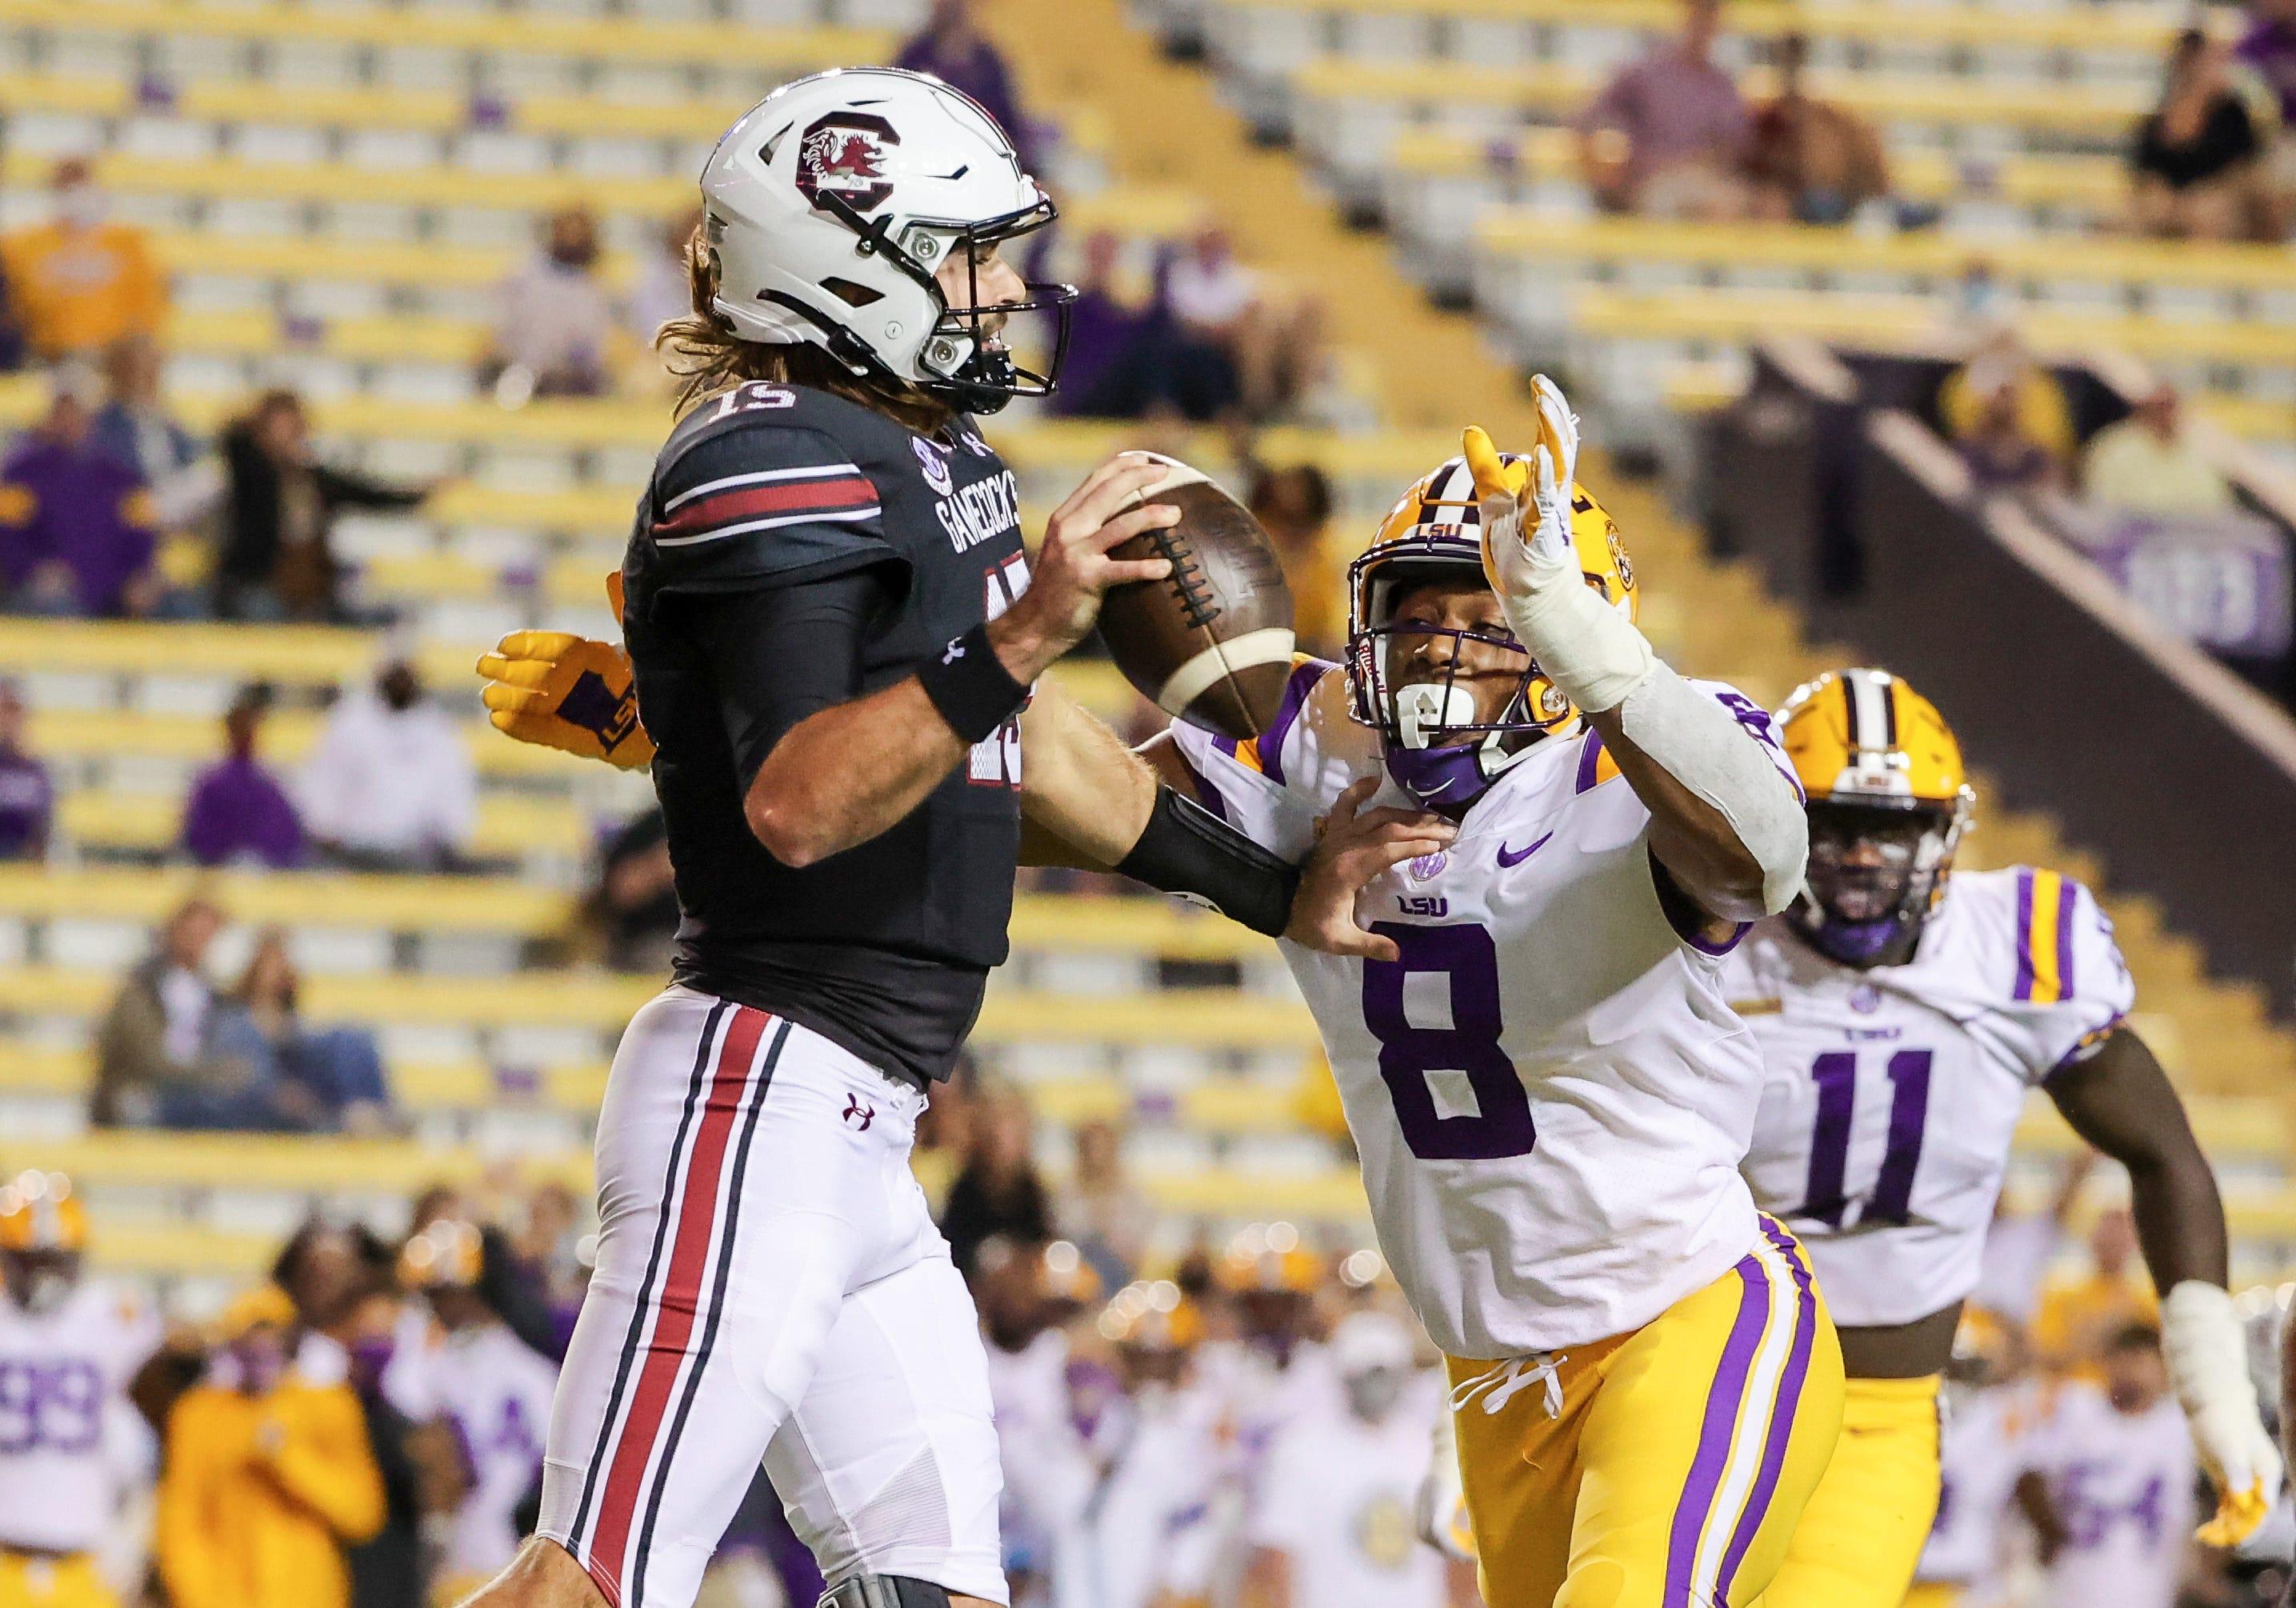 LSU Vs Arkansas Razorbacks Football Who Are The Officials Referee